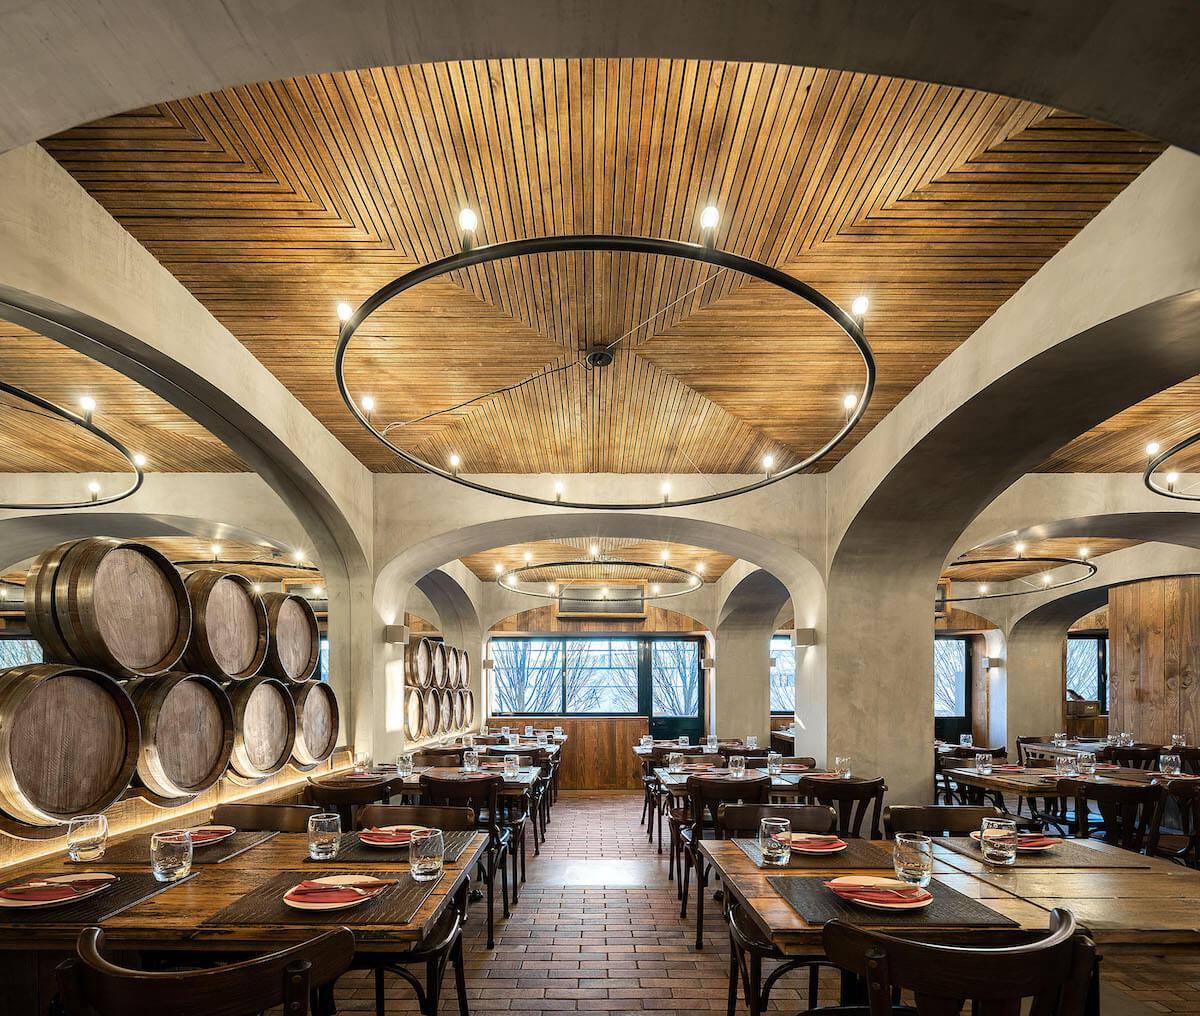 Restaurante Barril . Paulo Merlini .  Créditos © Ivo Tavares Studio